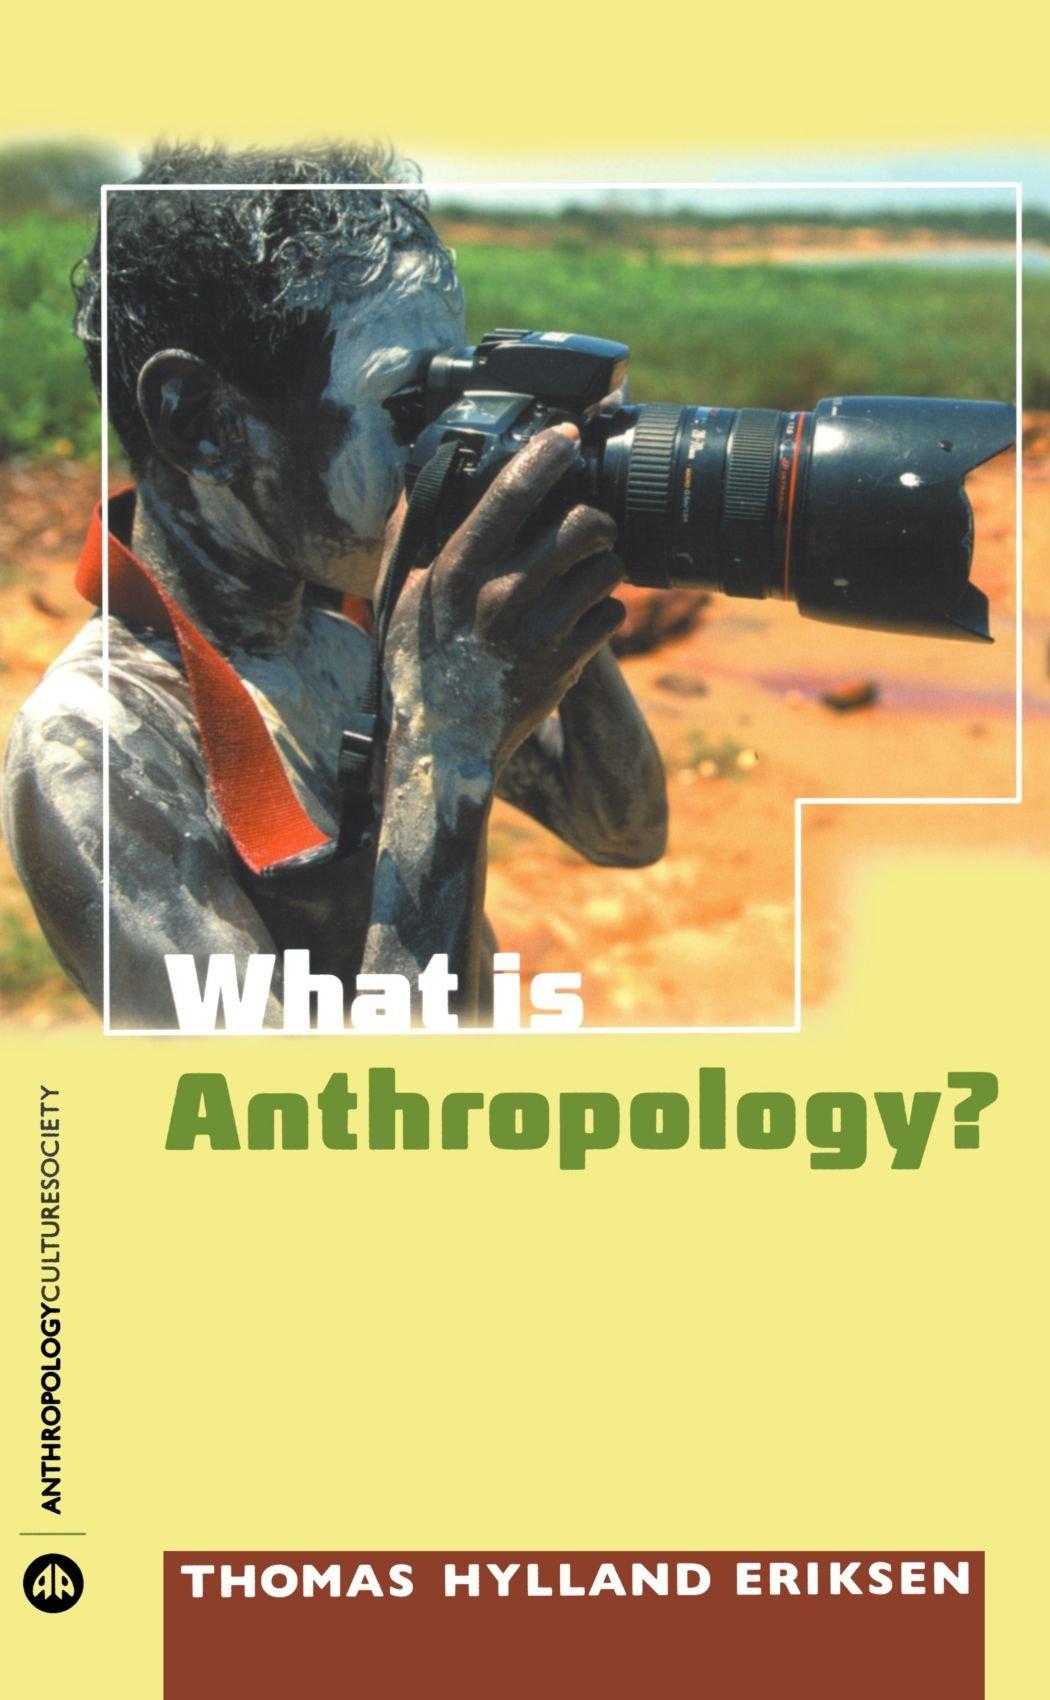 Eriksen - What is Anthropology - Kinshipology